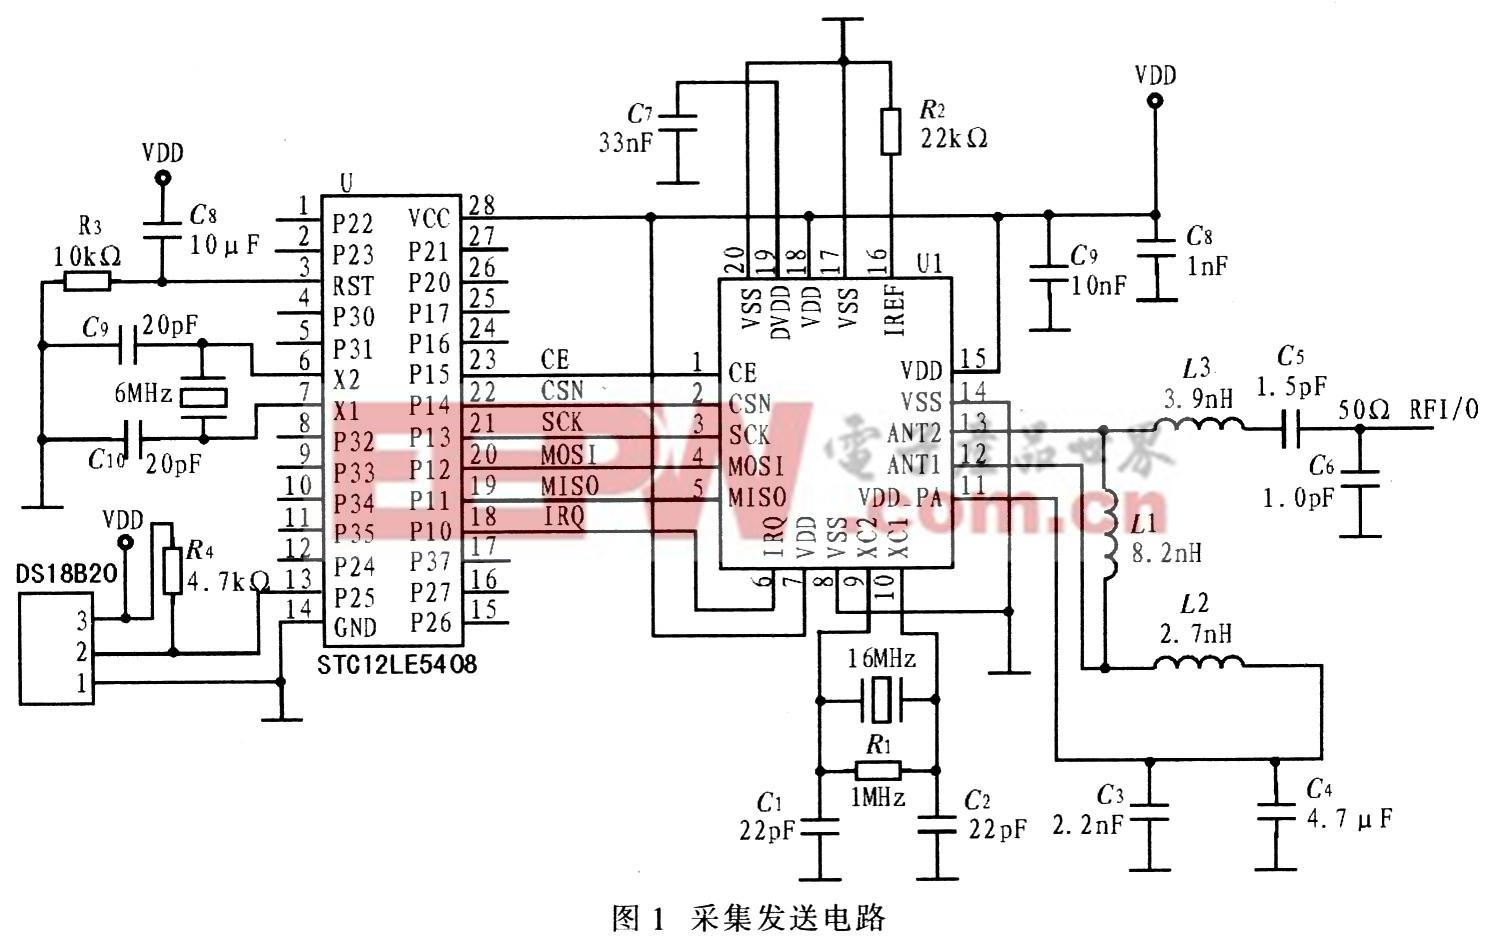 基于nrf24l01的无线温度采集系统设计